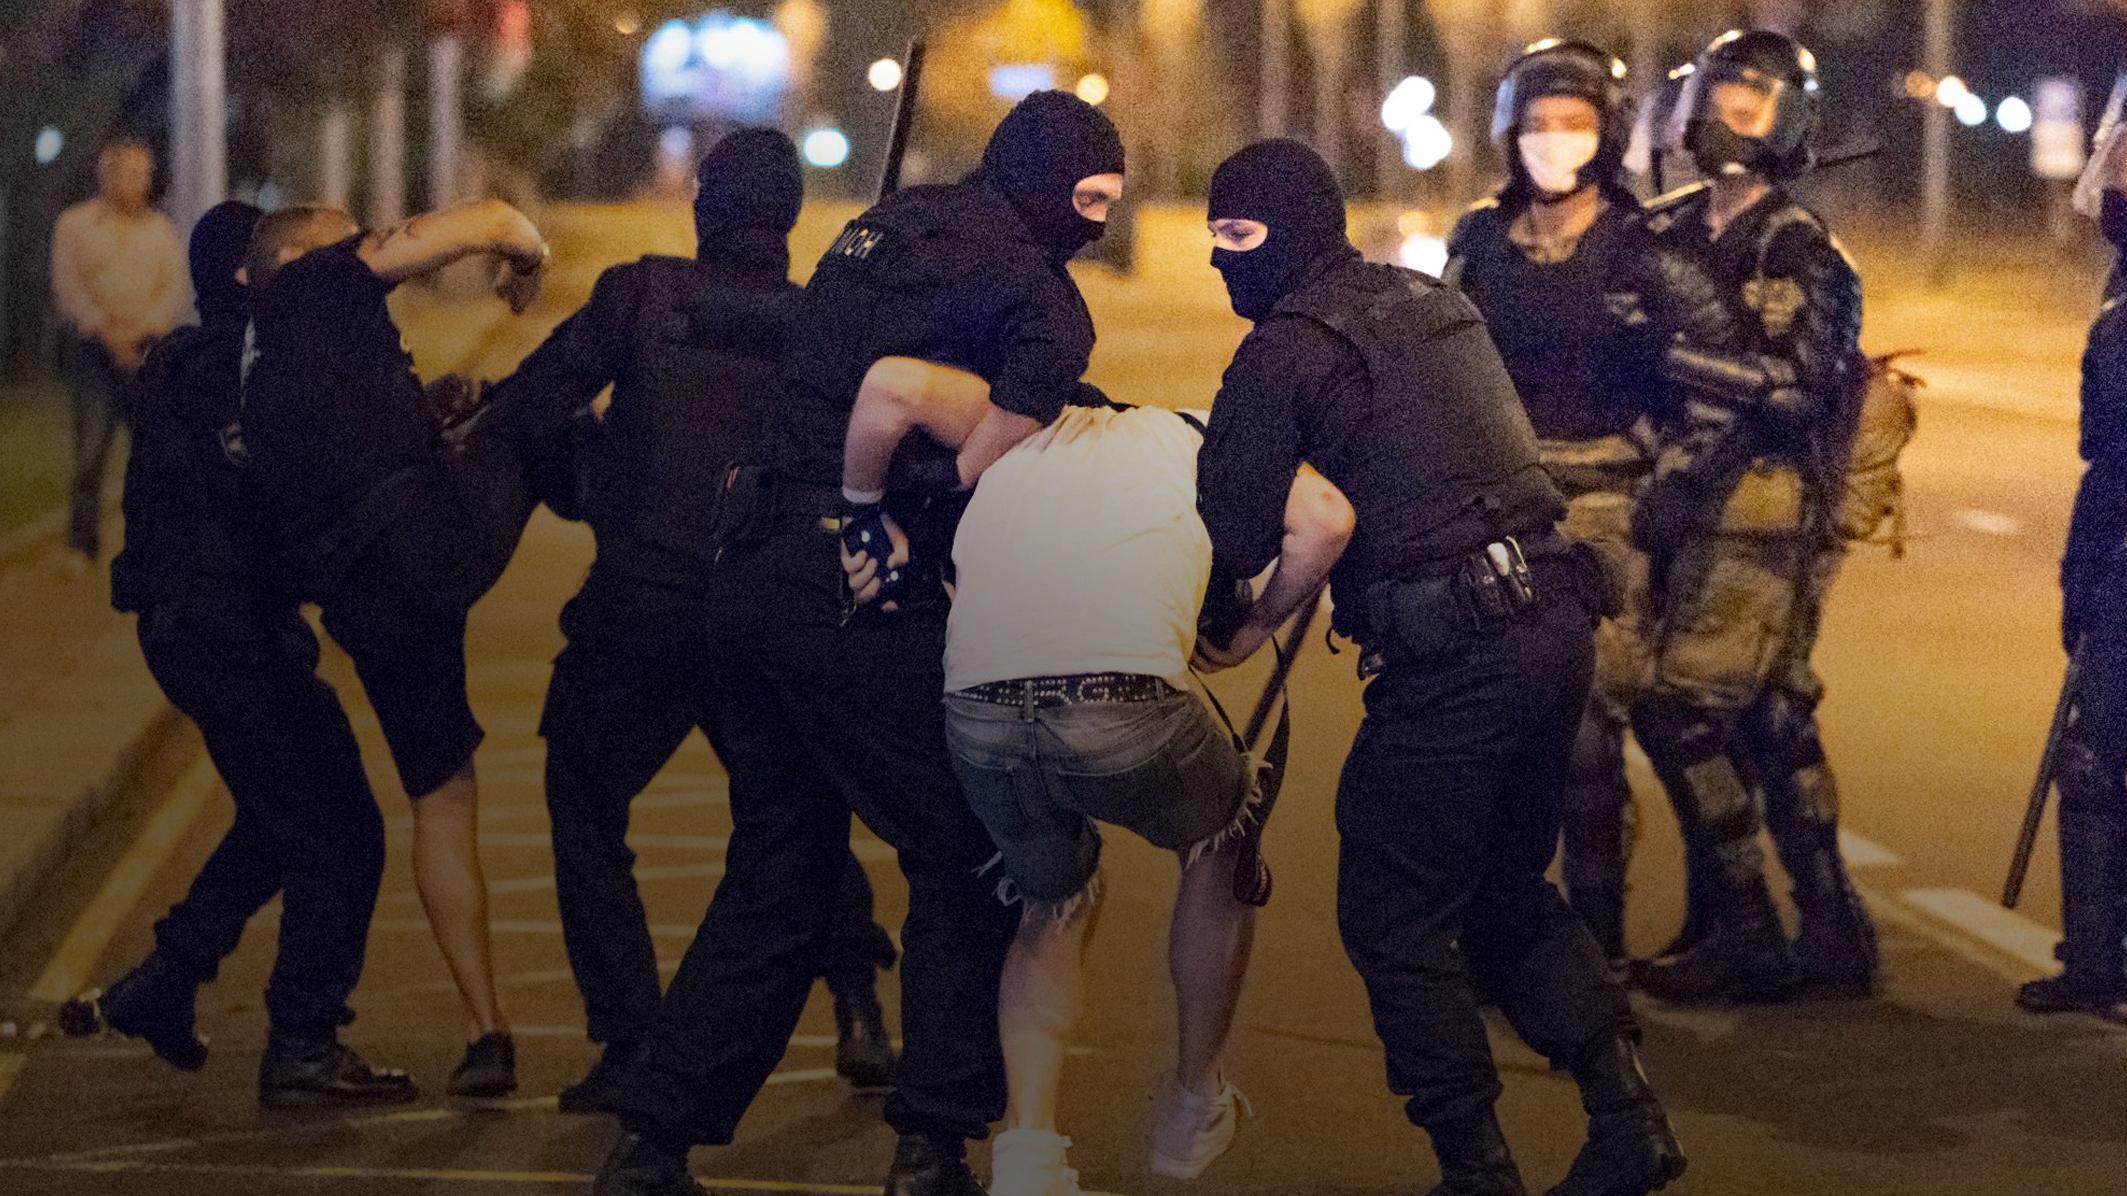 Гранаты на чёрном рынке и мизерные зарплаты. Что такое белорусский ОМОН и чем он разгоняет протесты Белоруссия,власть,Силовики